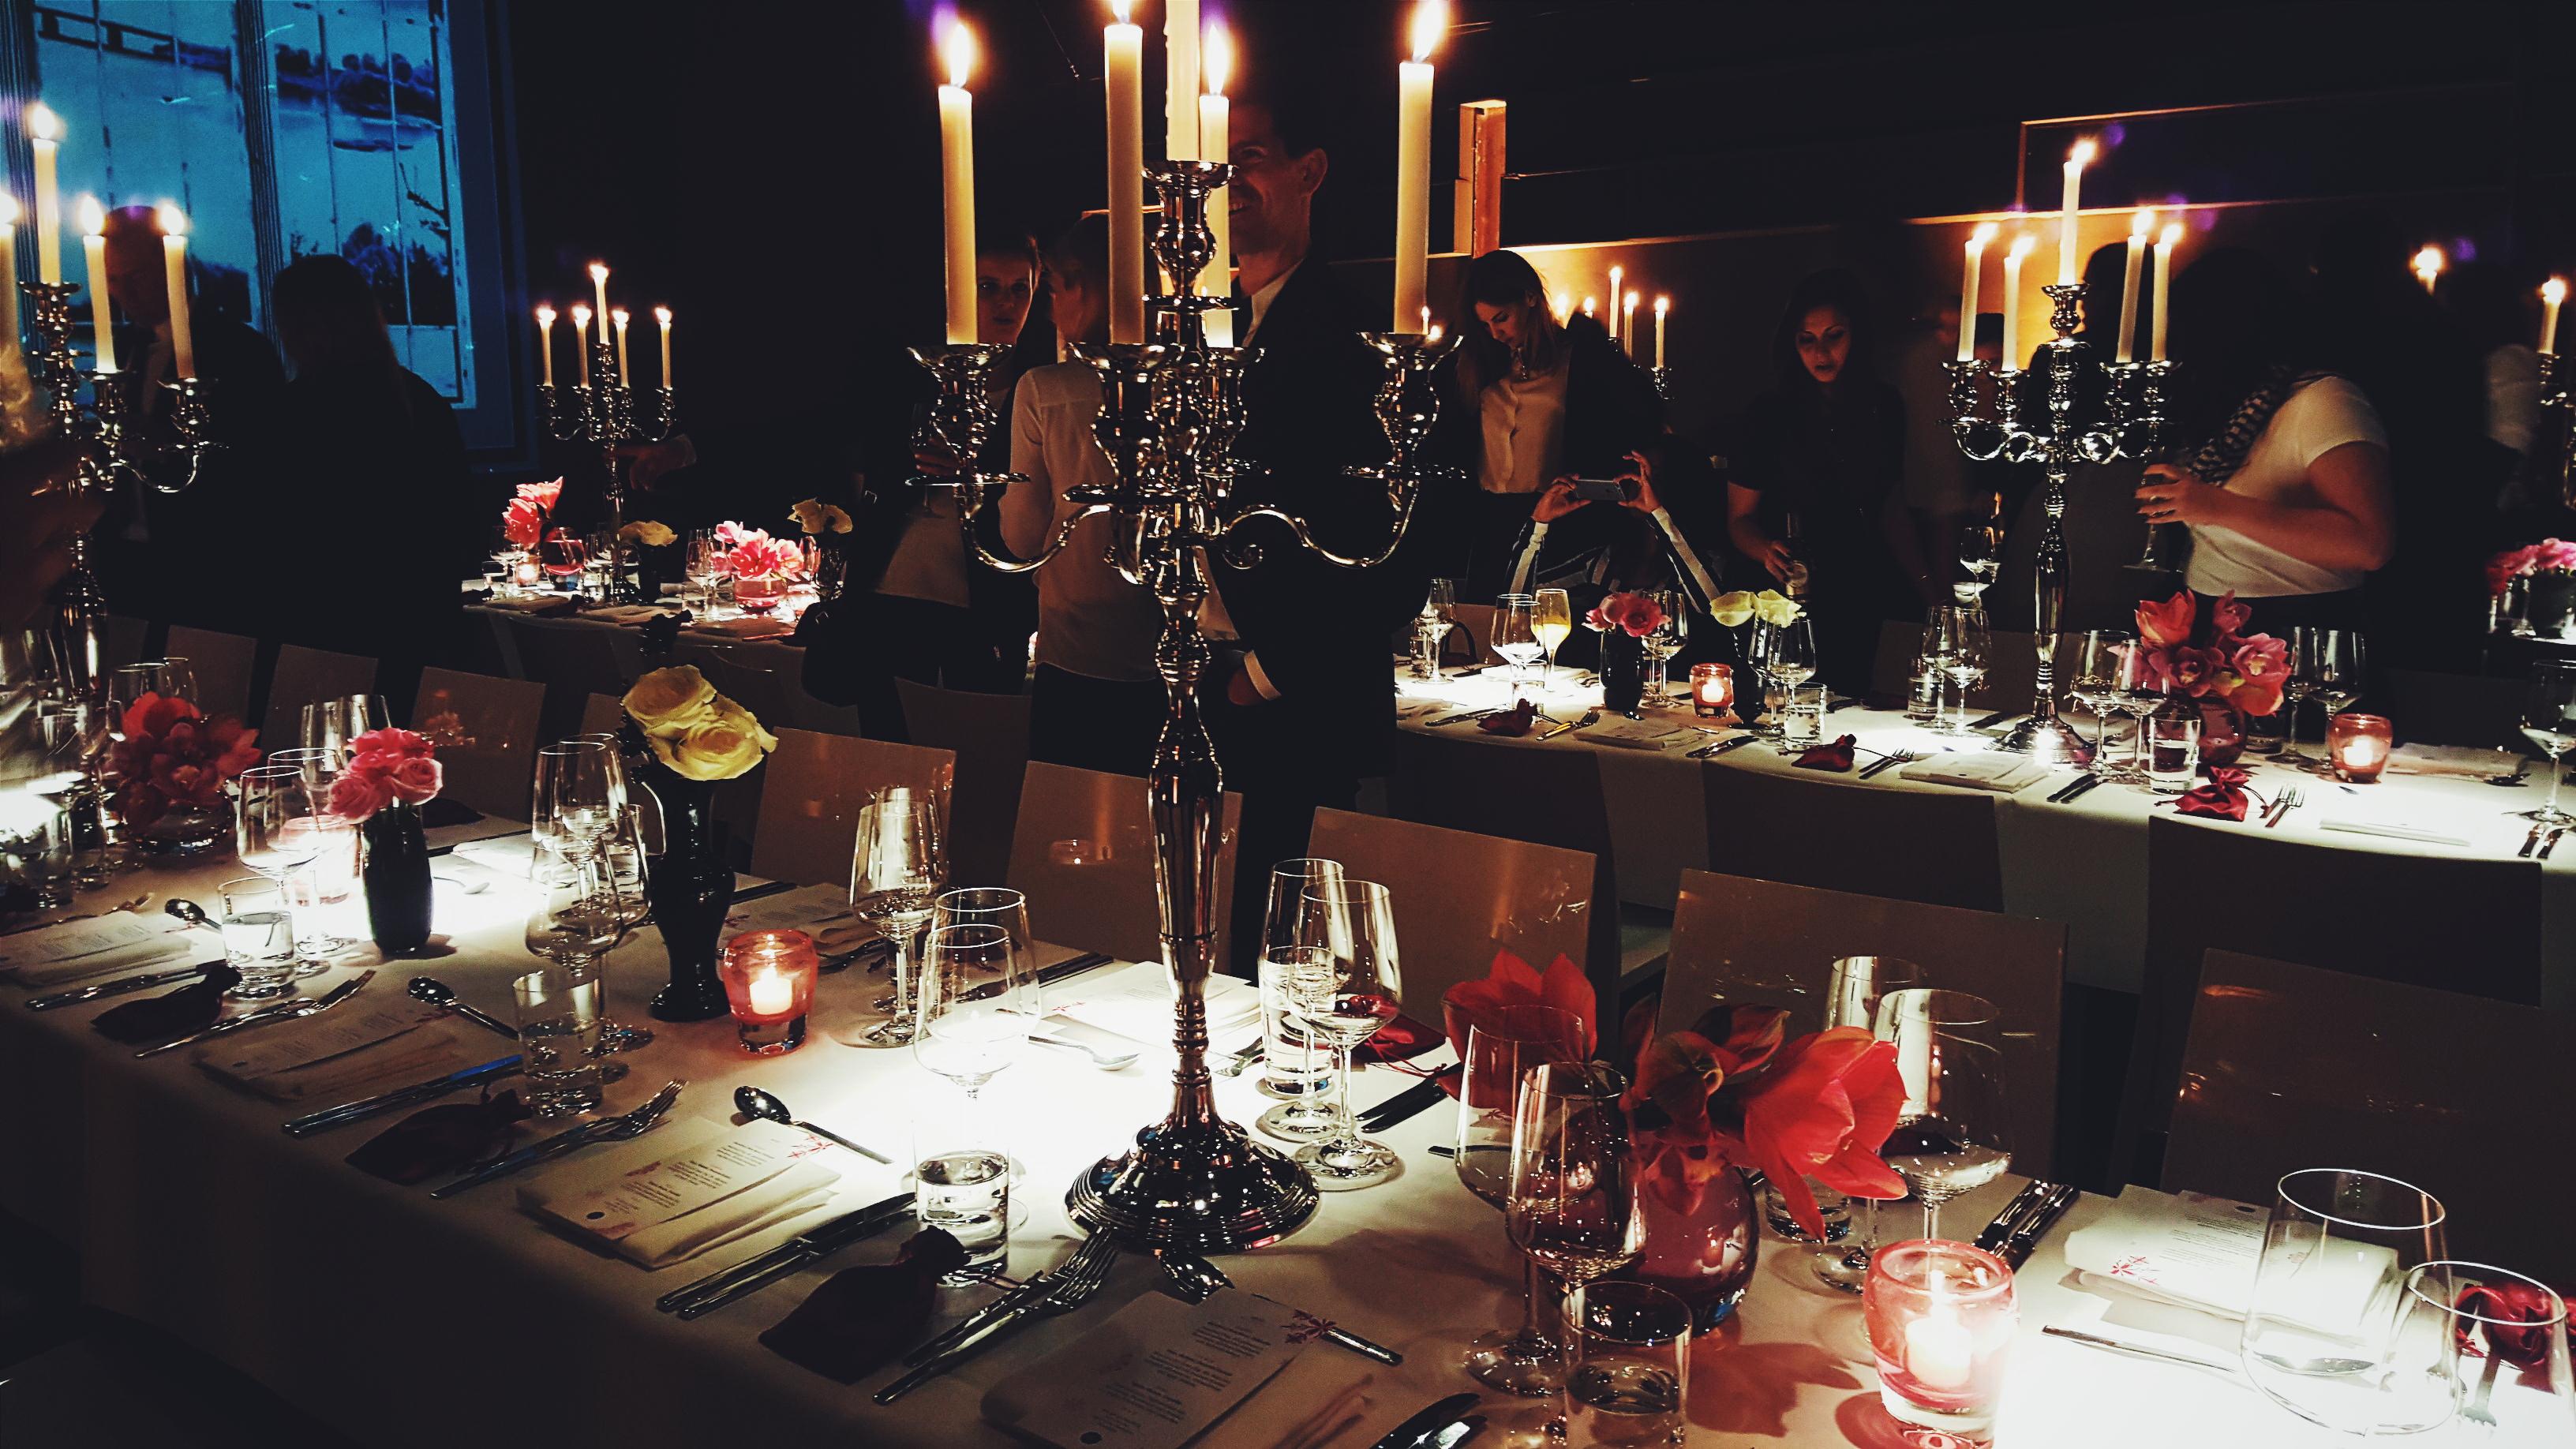 tonrabbit_easychristmas_dinner